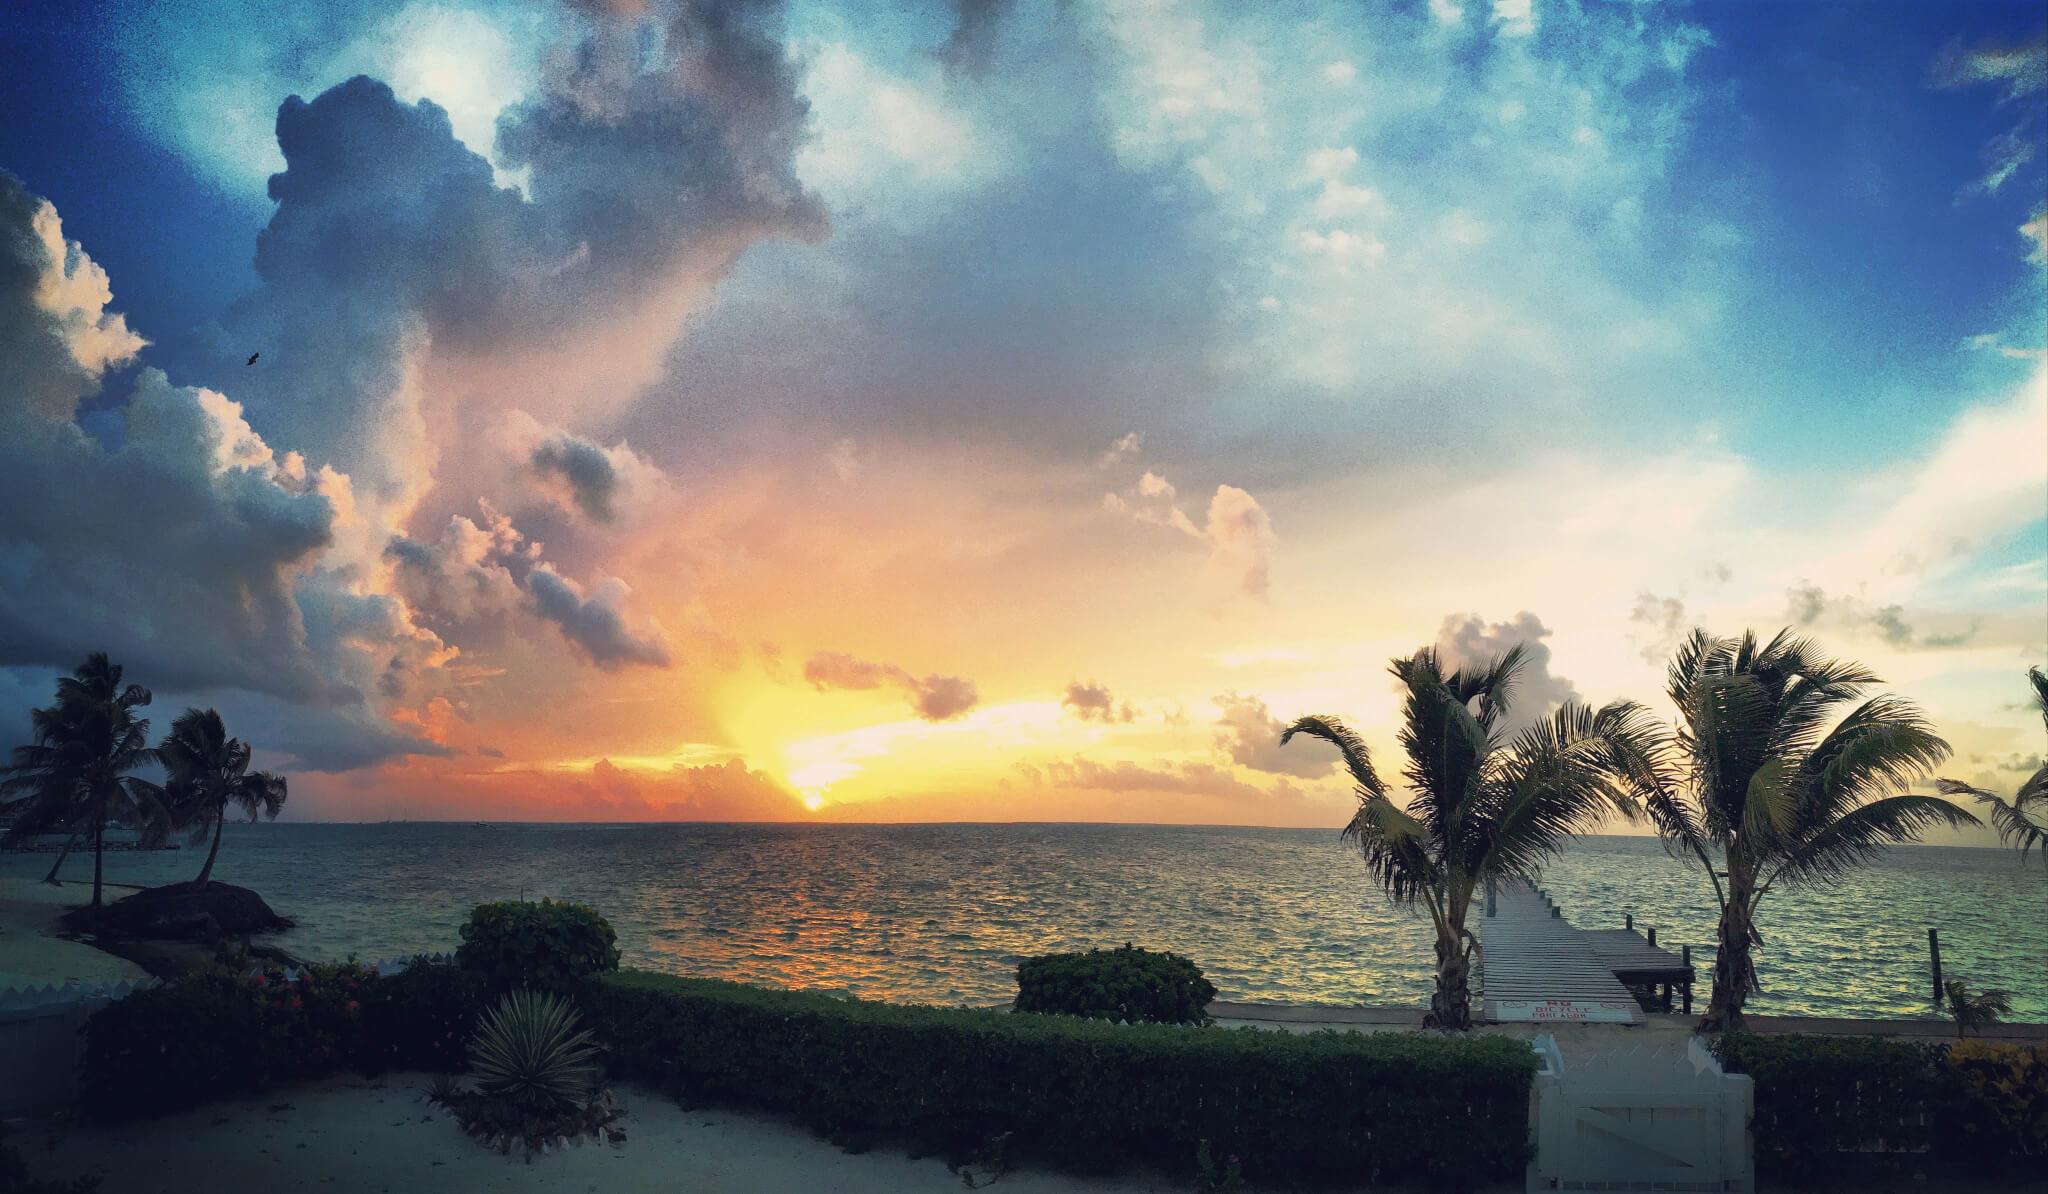 Belize sunrise on Ambergris Caye